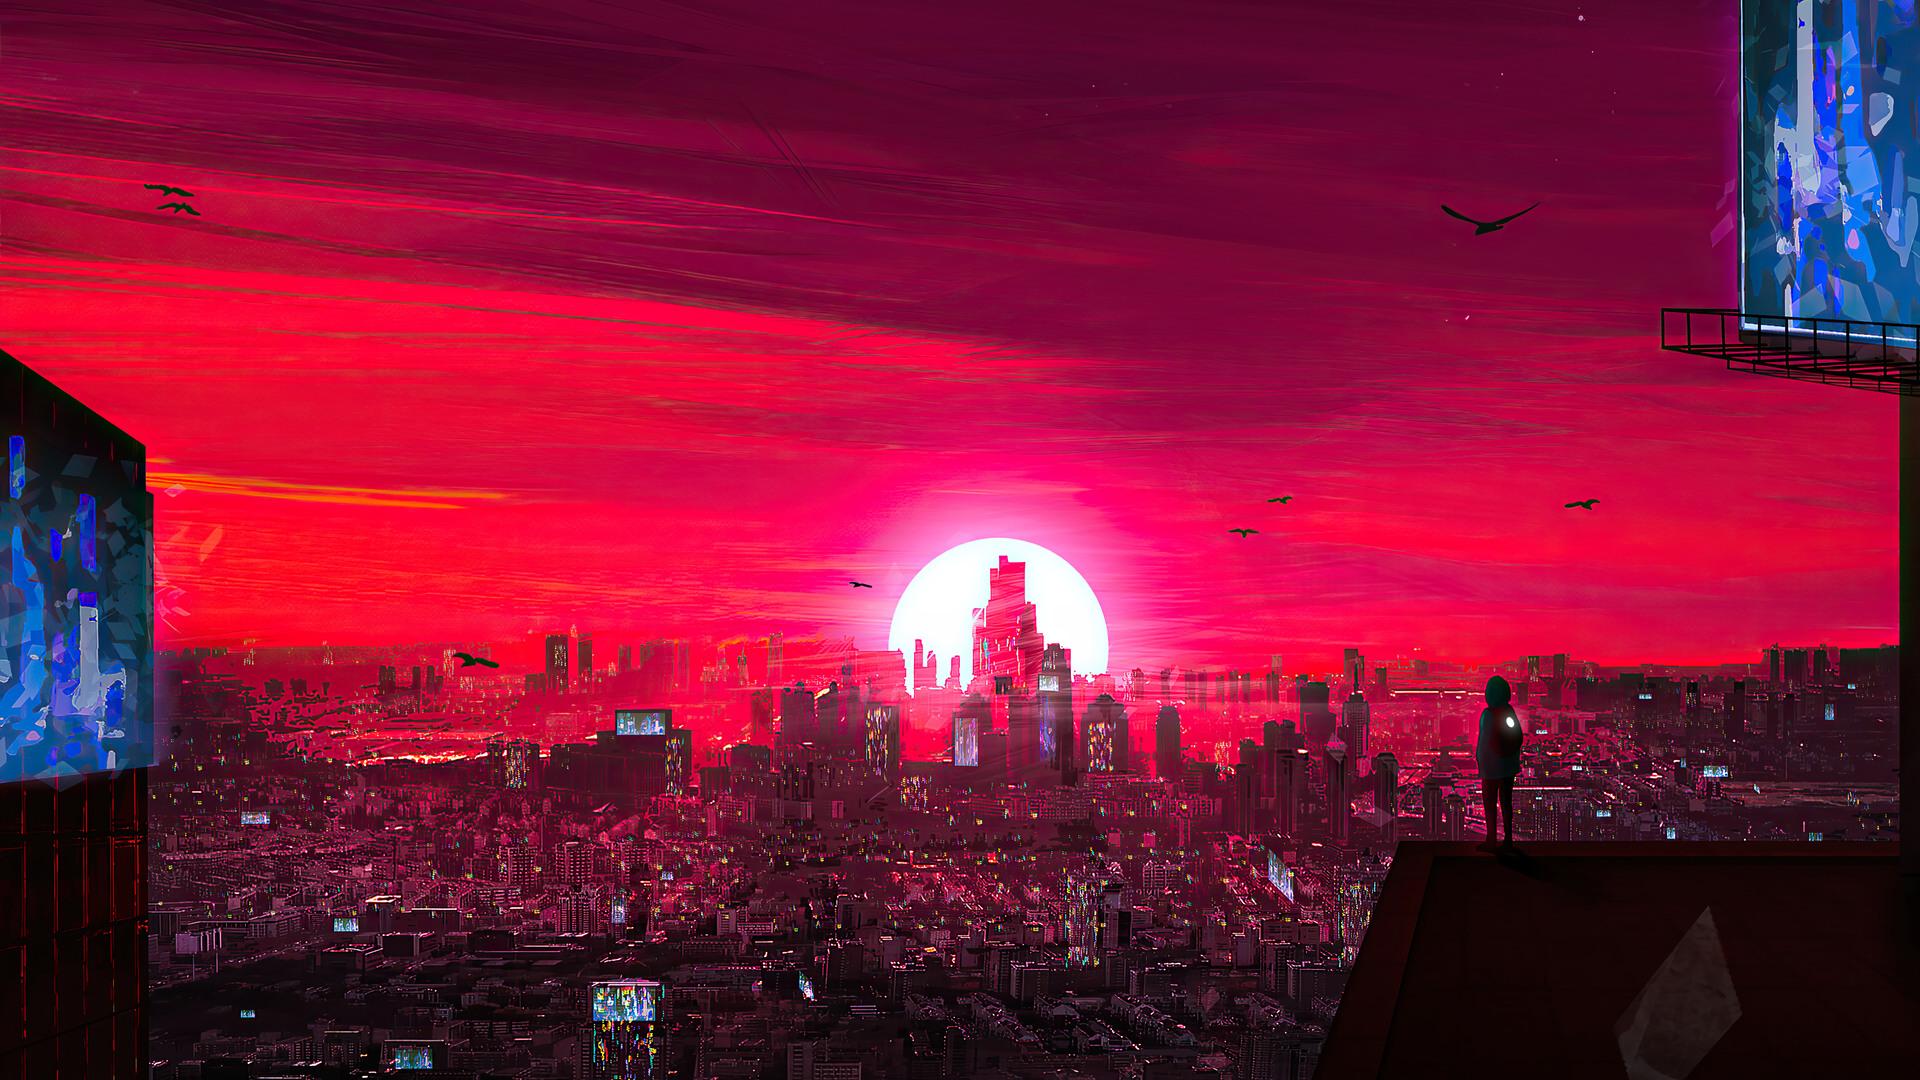 General 1920x1080 artwork digital city far view ArtStation sky futuristic city skyscraper cityscape science fiction white